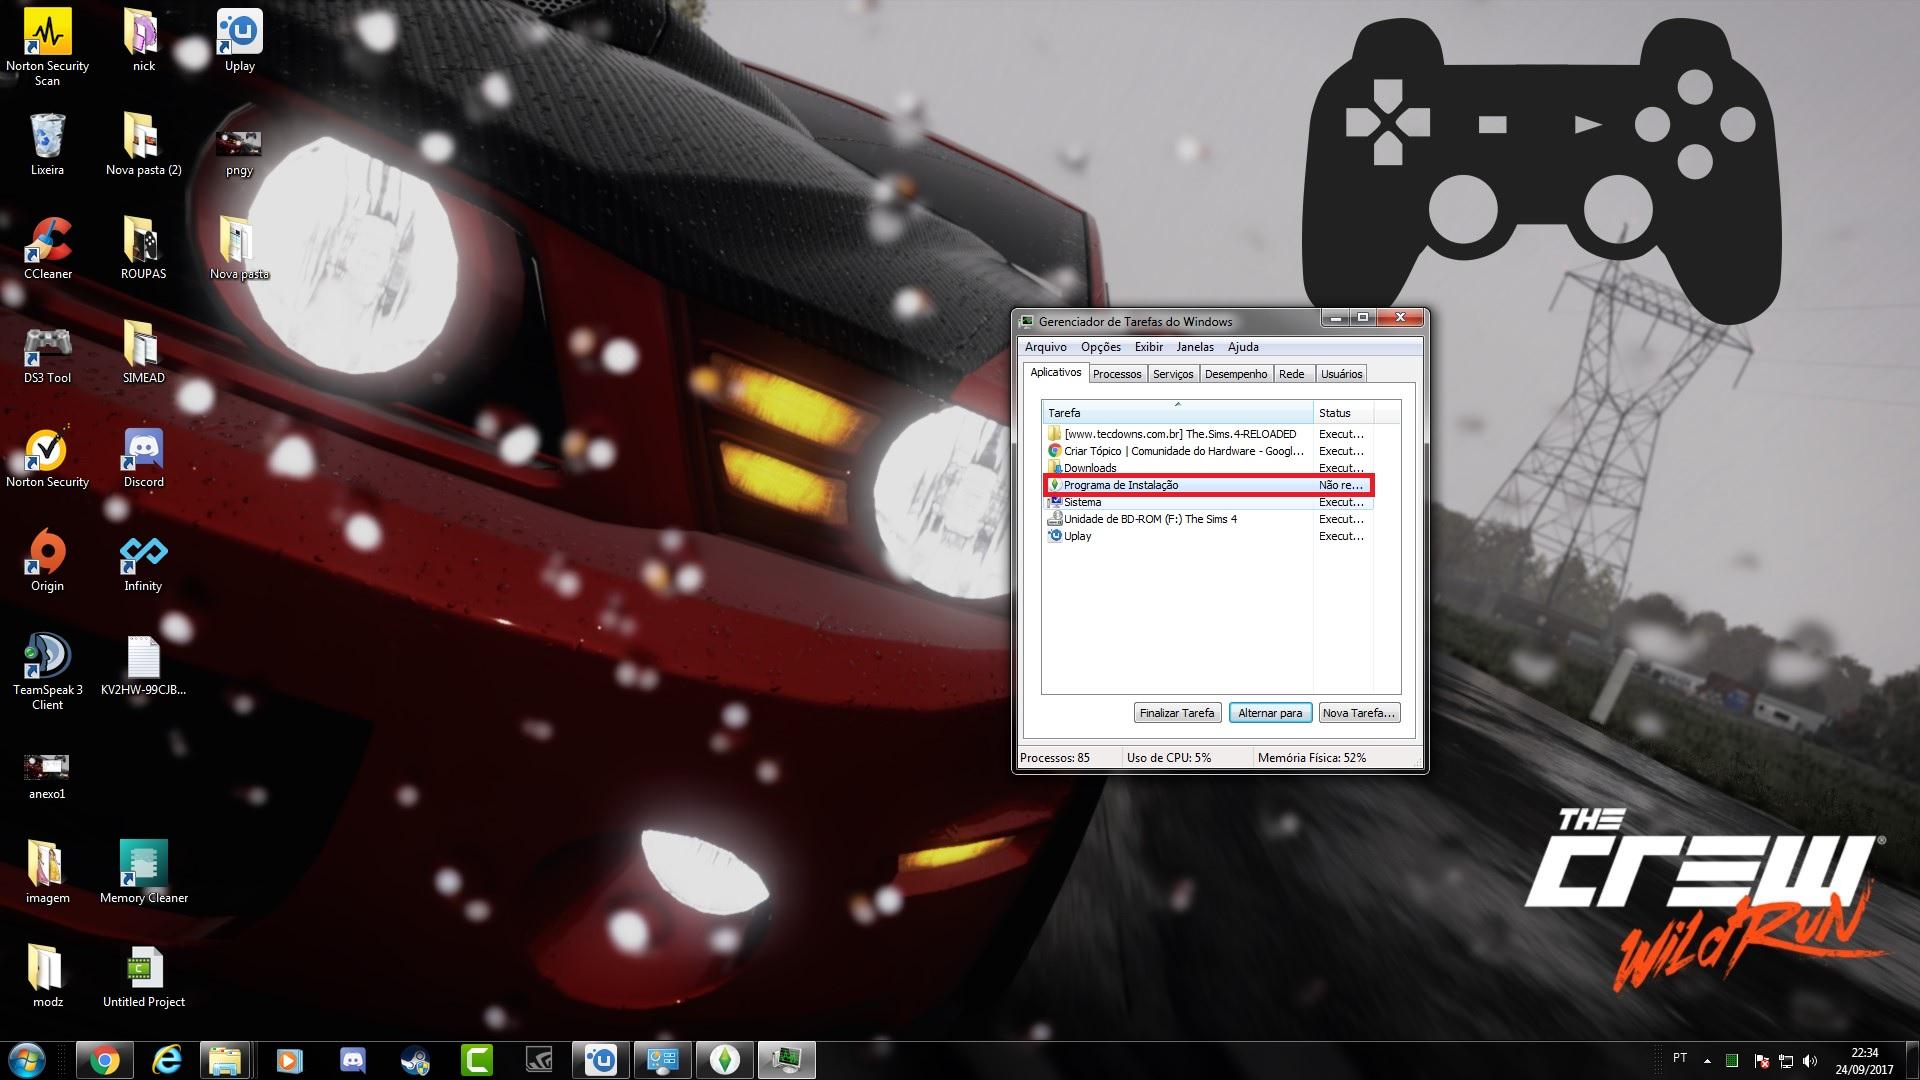 Problema nas instalações em jogos (setup installe)